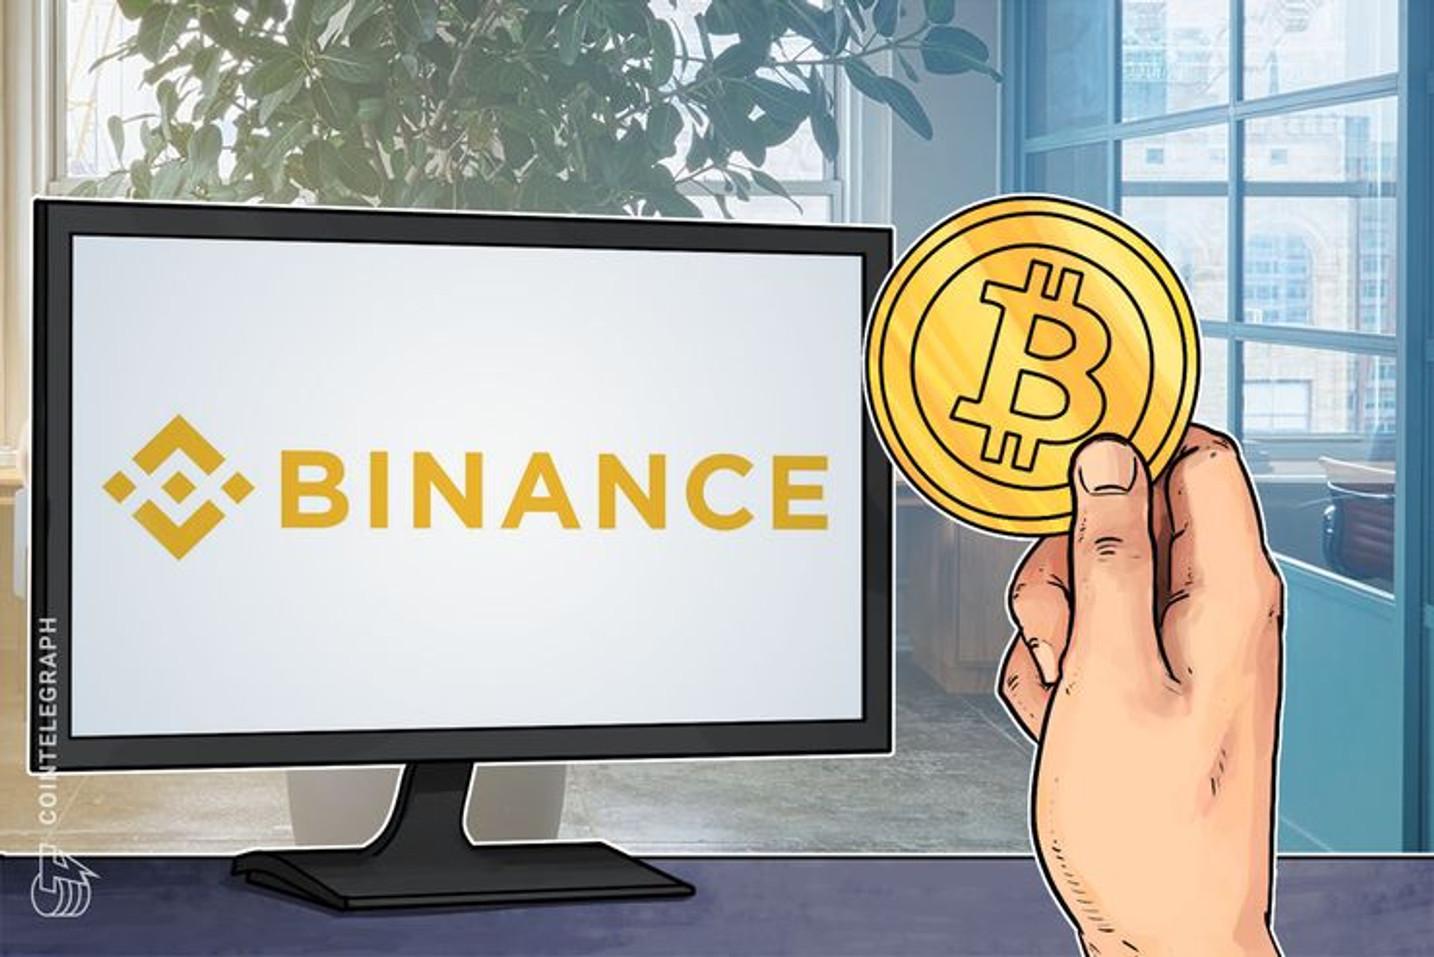 Binance Latam espera capacitar más de 350,000 colombianos en blockchain y criptomonedas